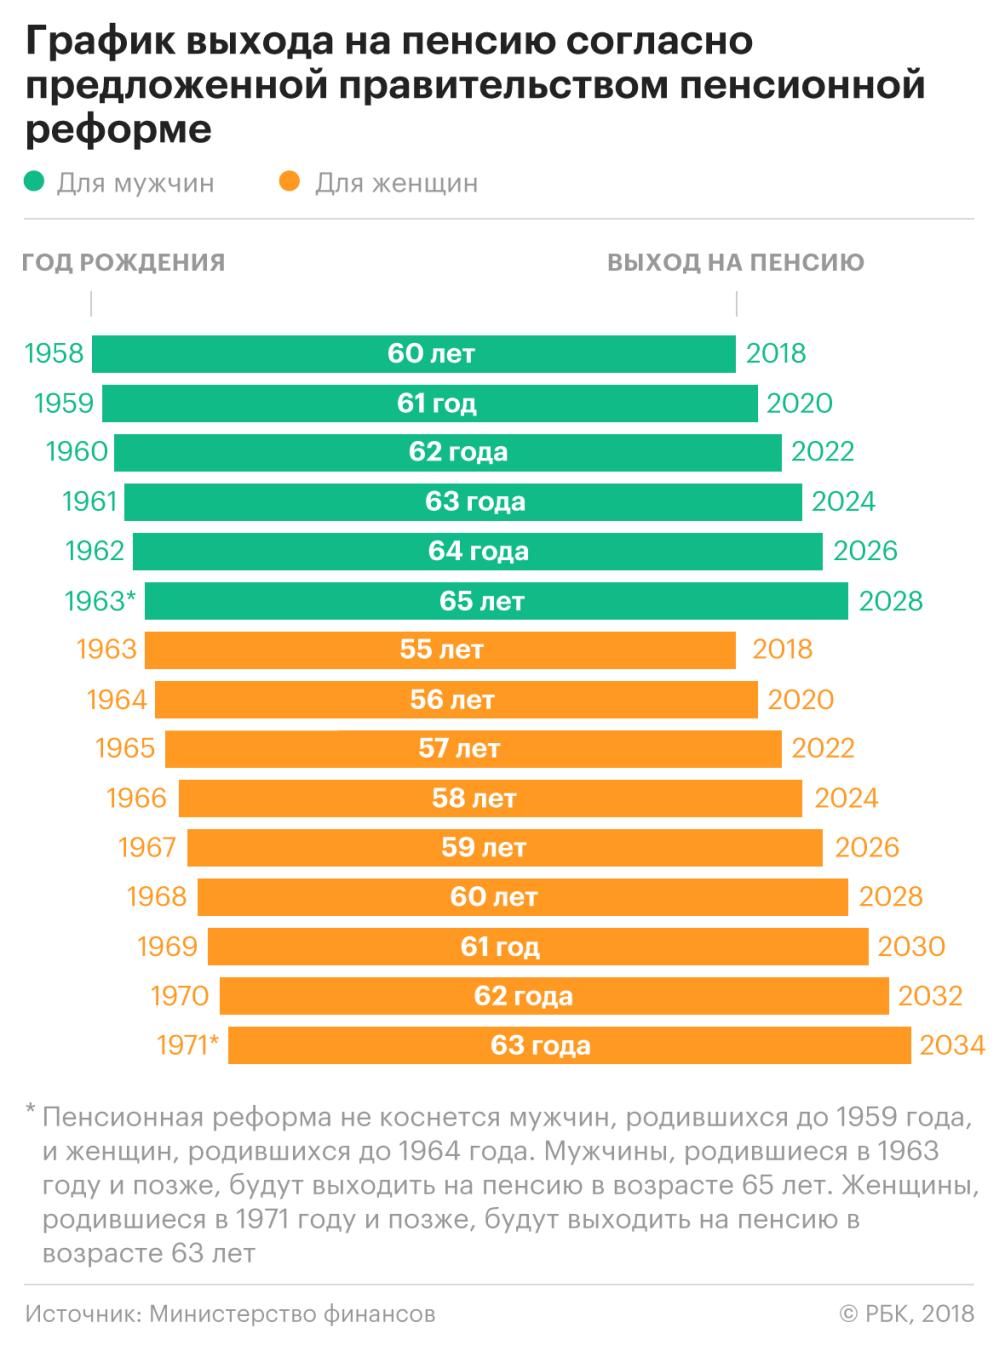 Пенсионный возраст в Бельгии в 2017 году